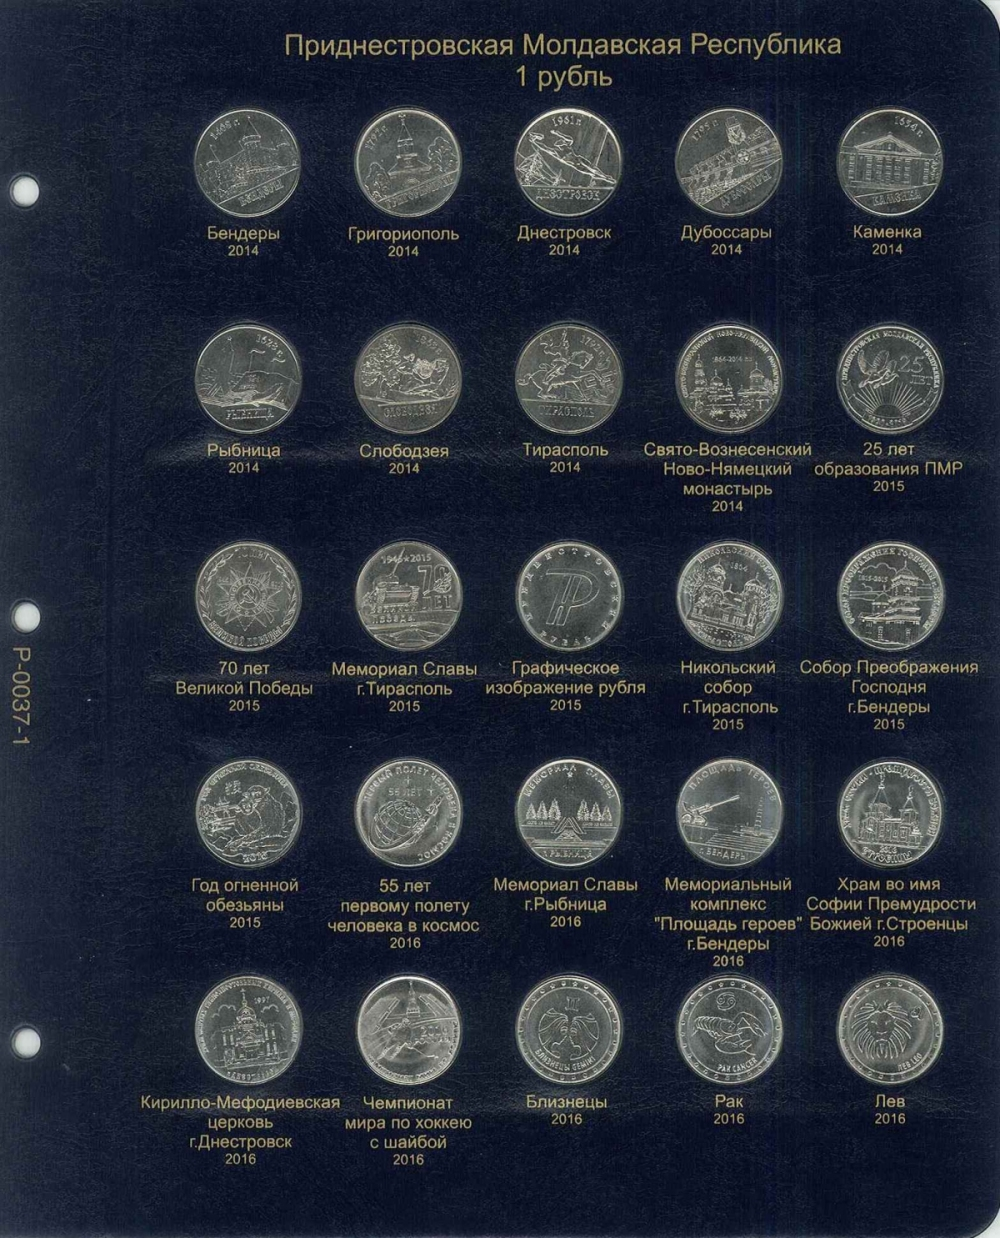 Комплект листов для юбилейных монет Приднестровья 1 рубль - 1